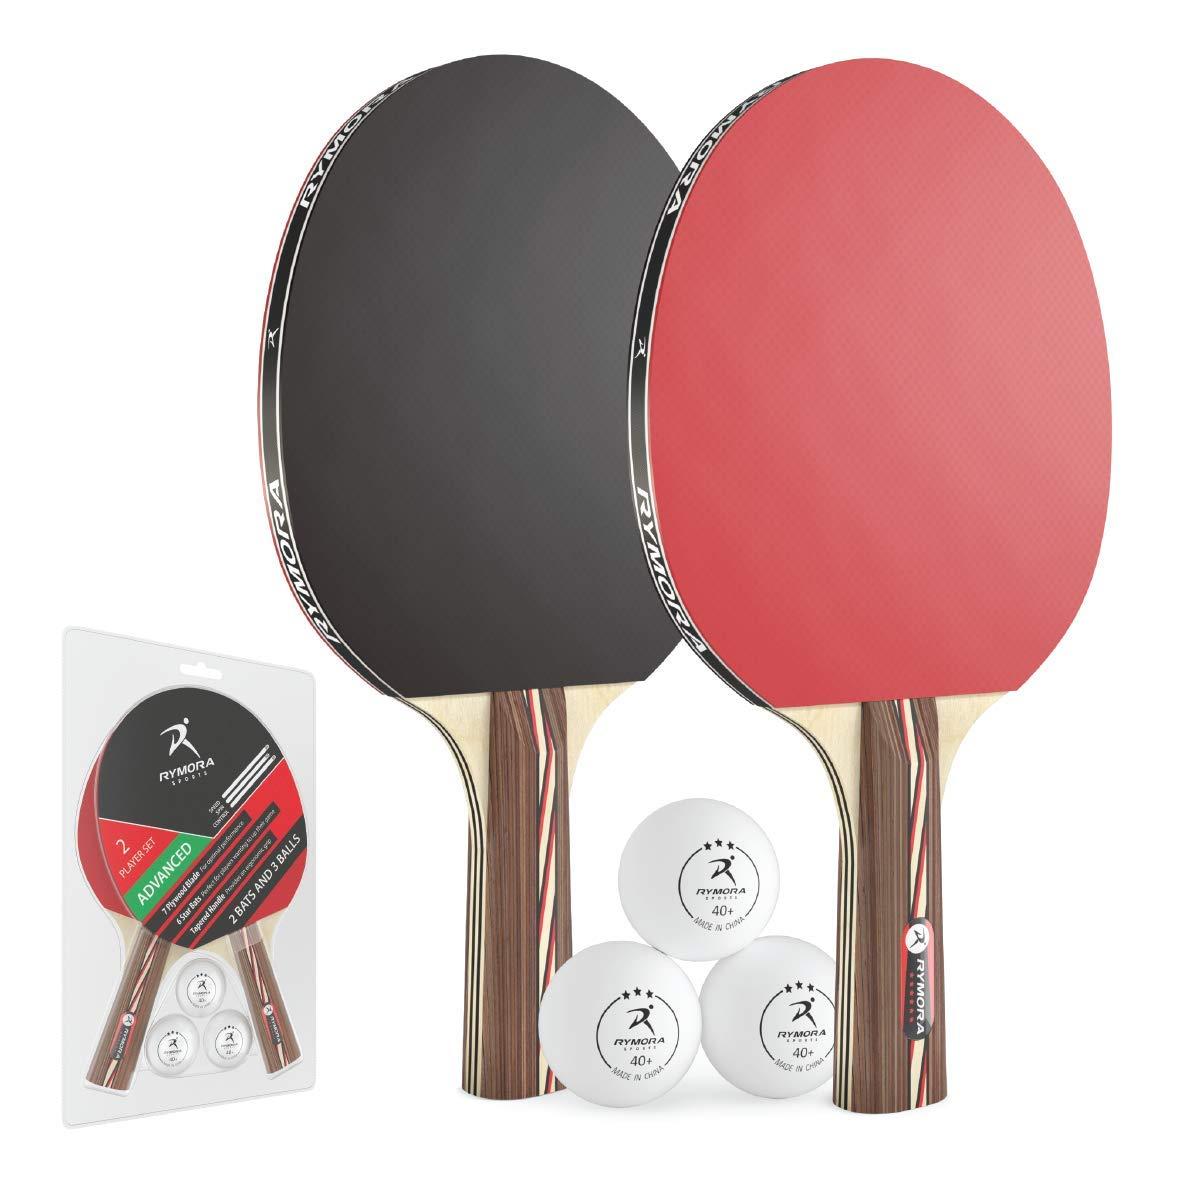 Rymora卓球セットコウモリとボール(2プレーヤー用卓球台用に2コウモリと3ボール)(上級者用セット:6つ星のラケットと3つ星のボール)   B07JCKMTB1